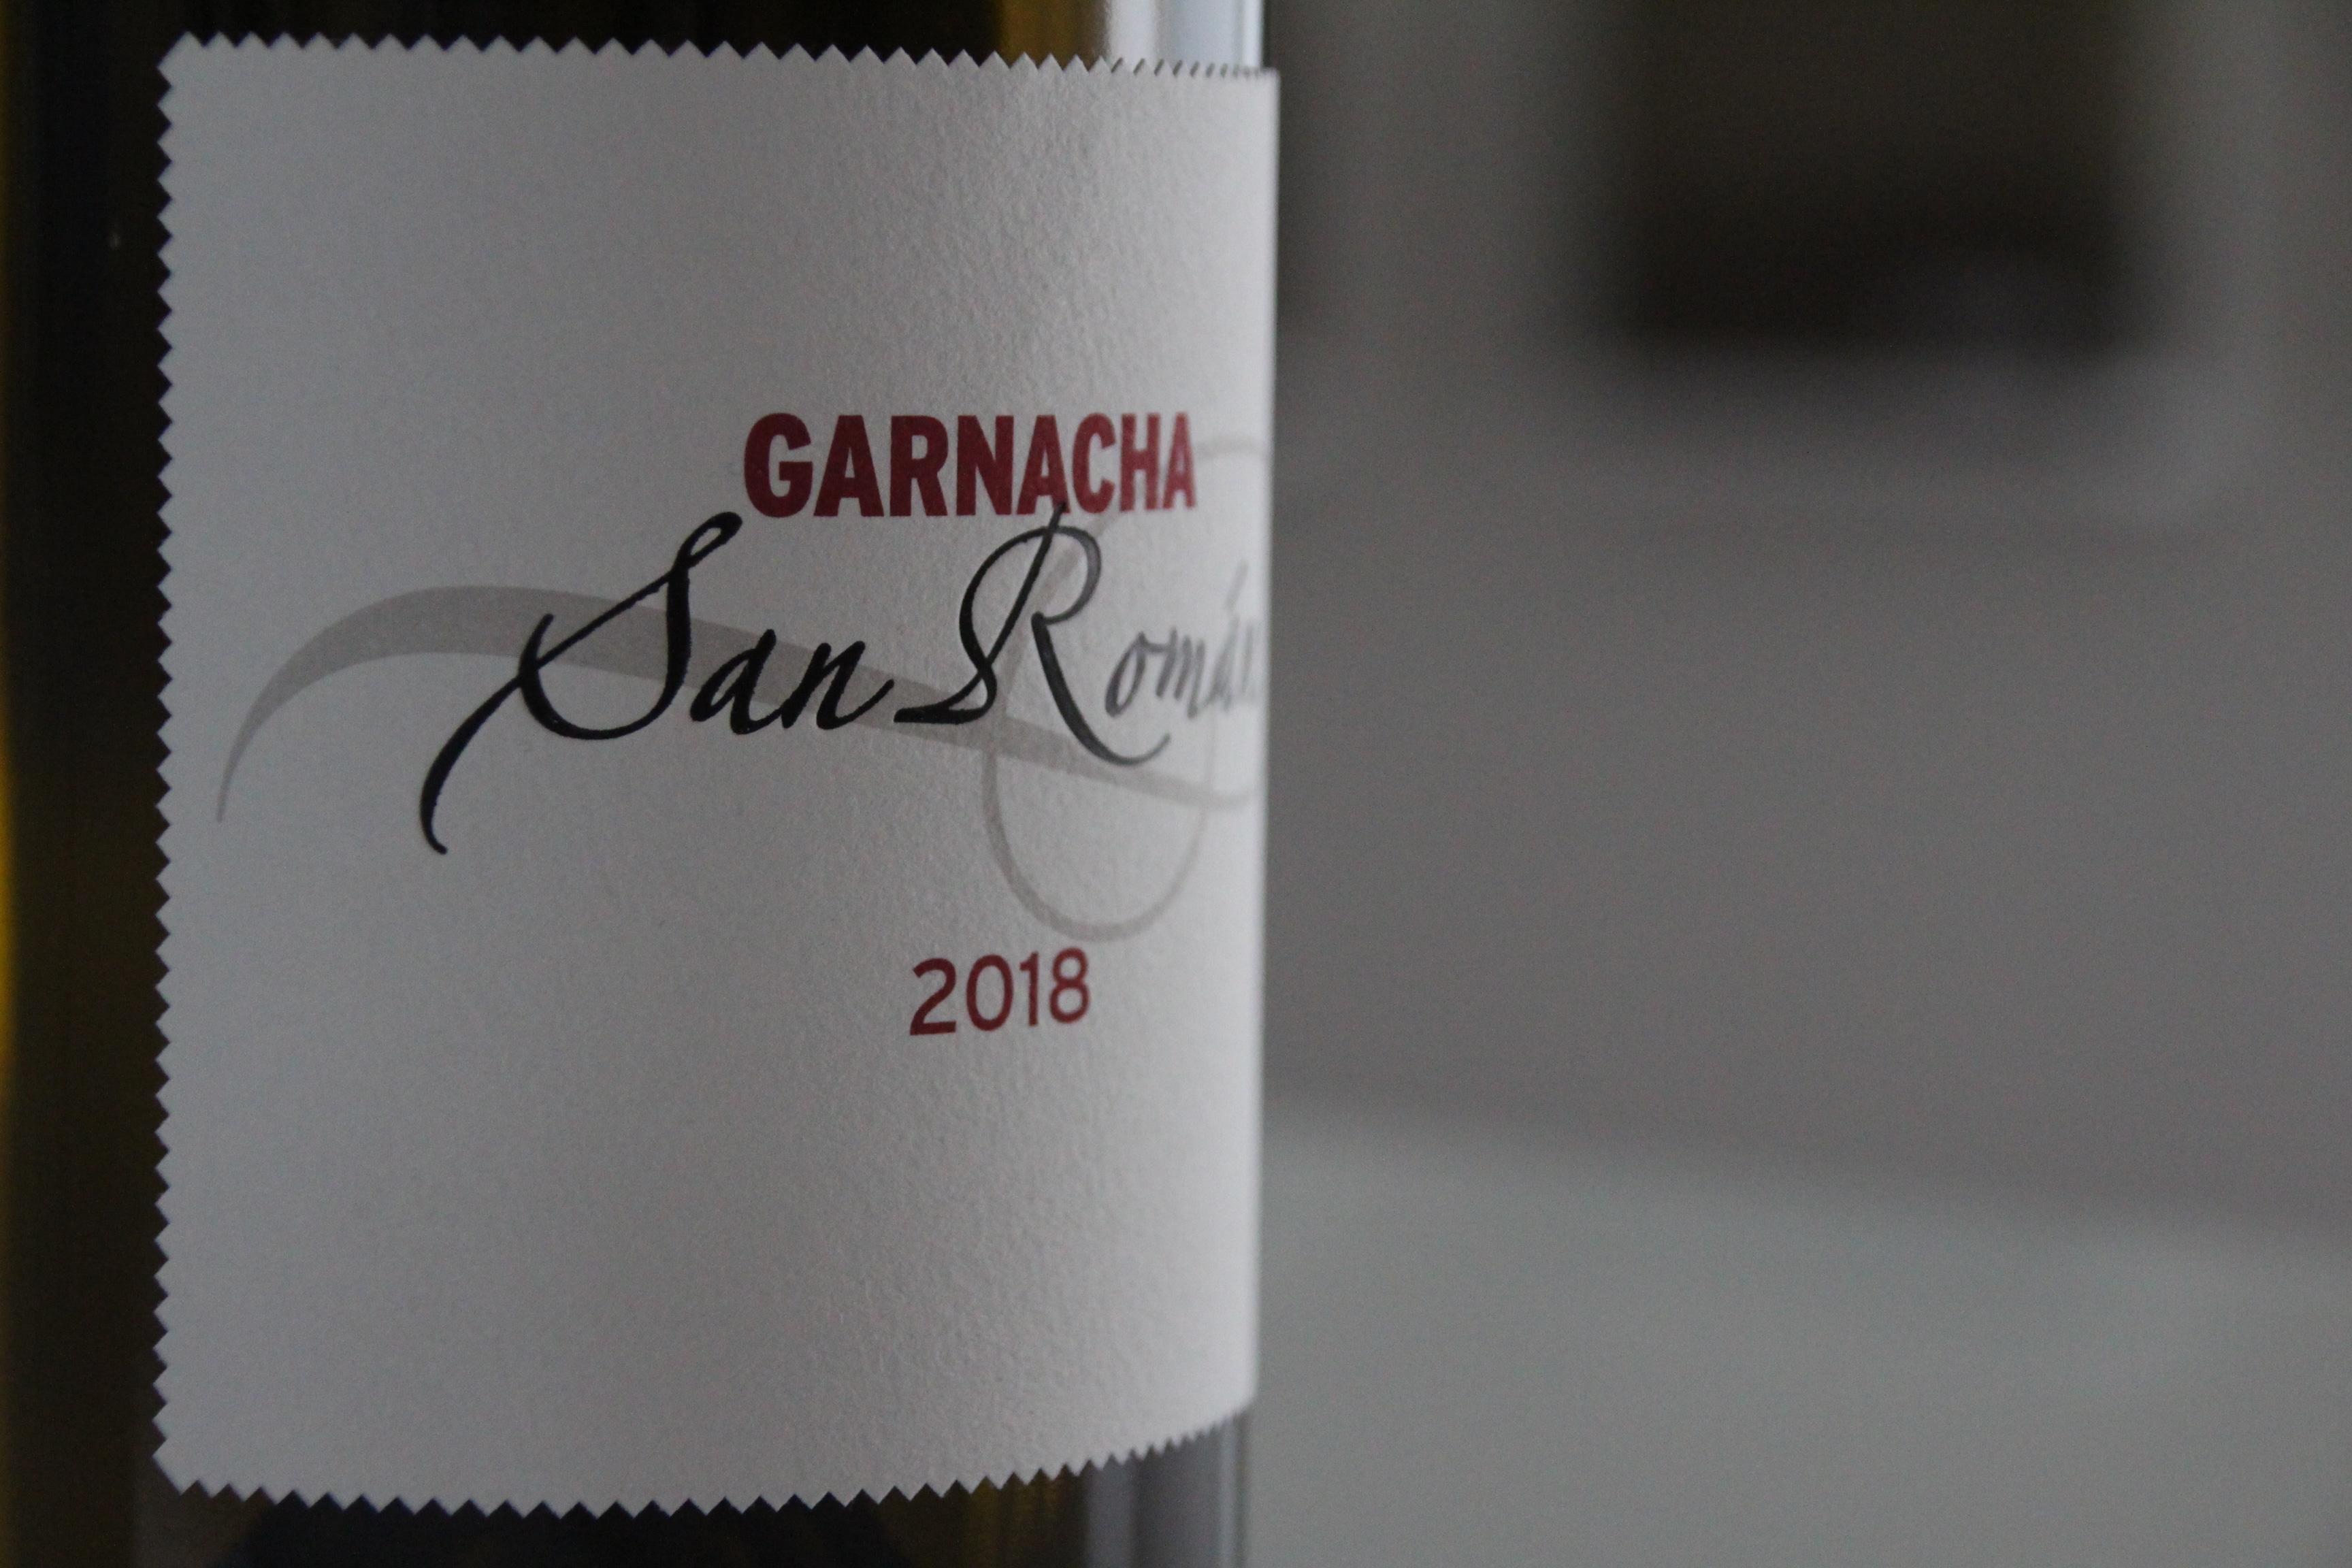 San Román Garnacha 2018